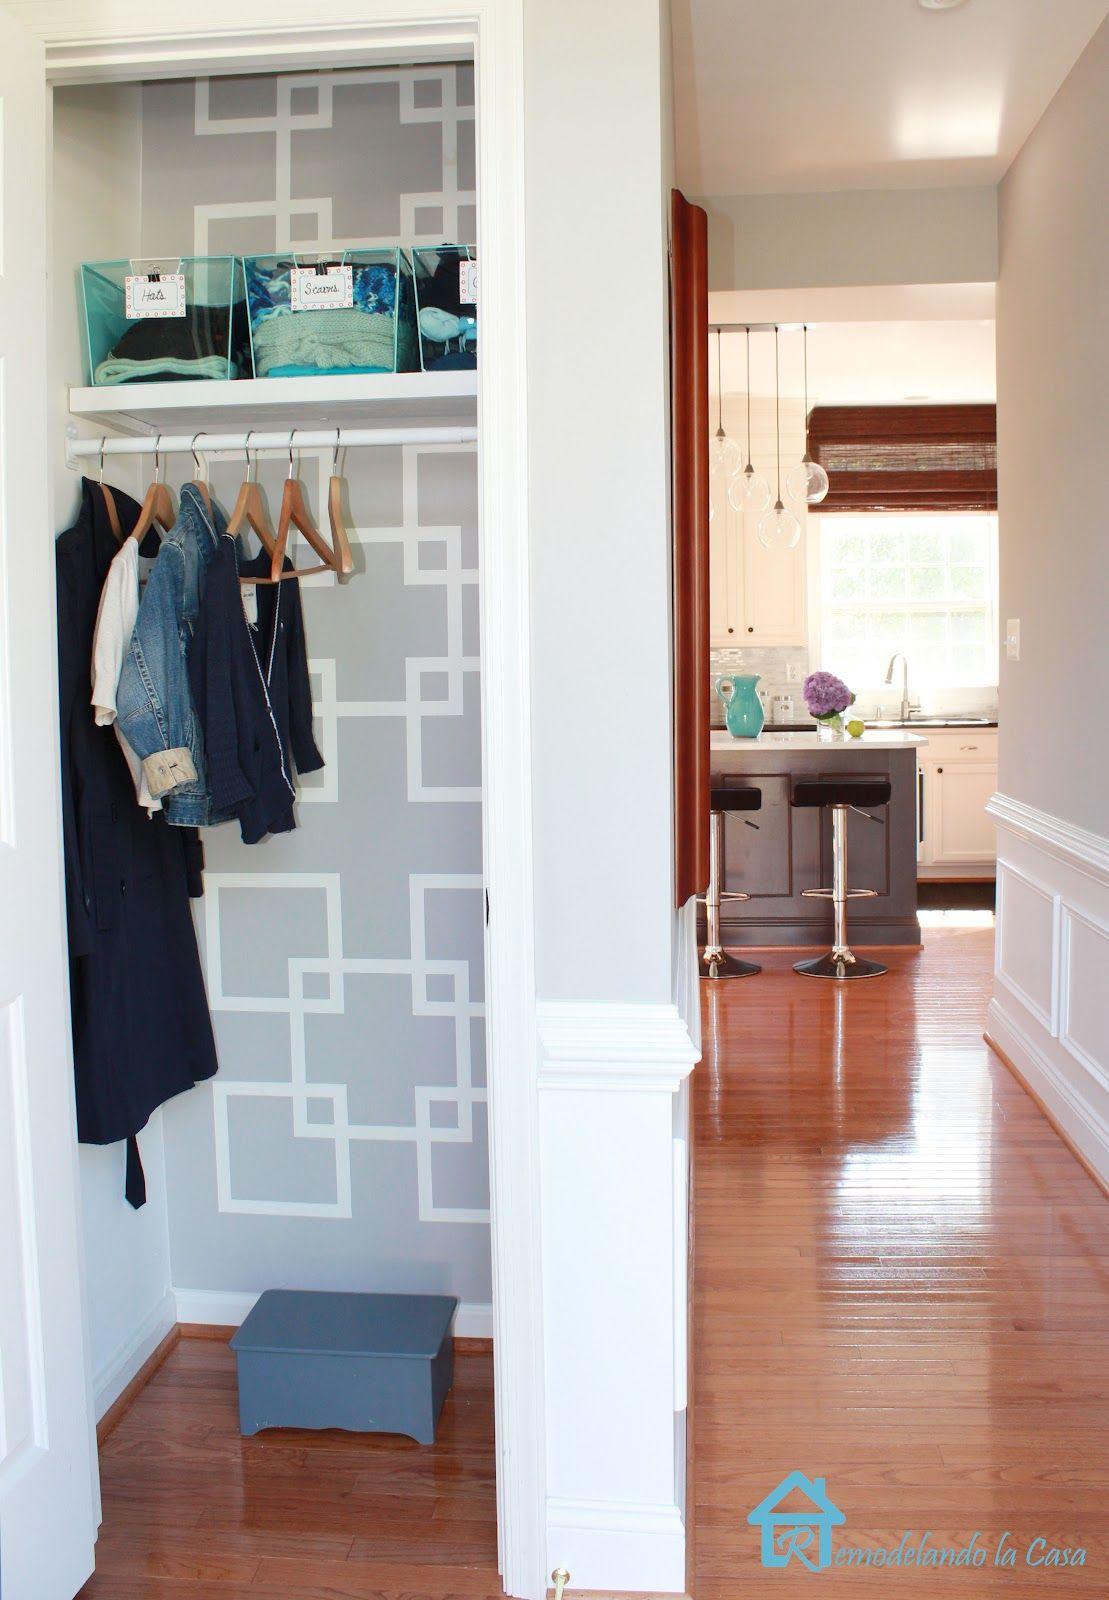 Exceptionnel Remodelando La Casa: The Monster Inside The Closet   Sherwim Williams  Requisite Gray Stencil